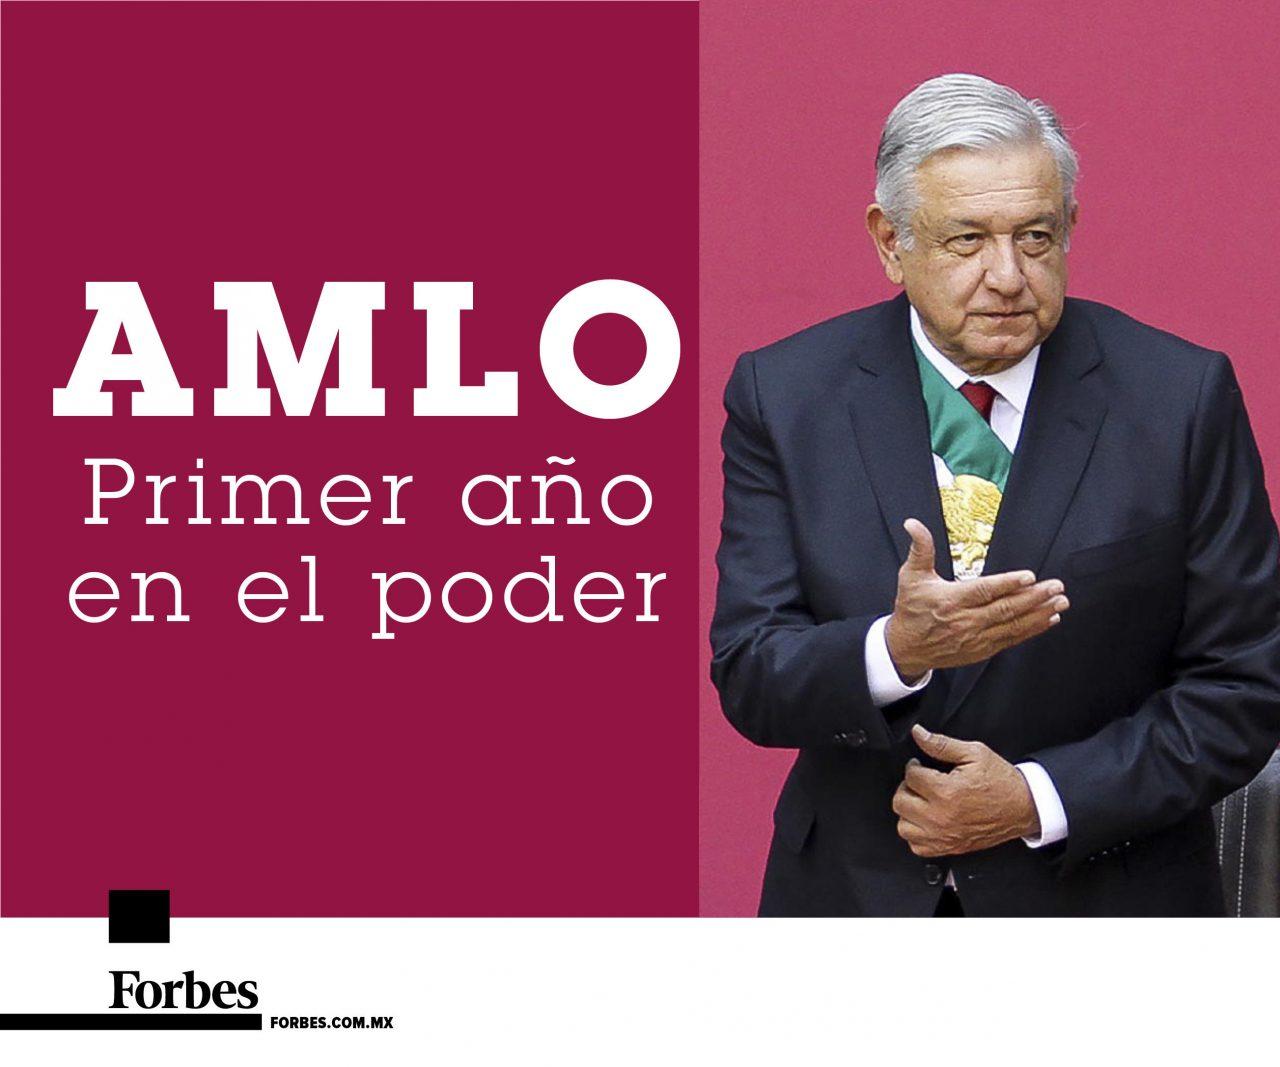 Mesa de análisis: Forbes evalúa el primer año de AMLO como presidente